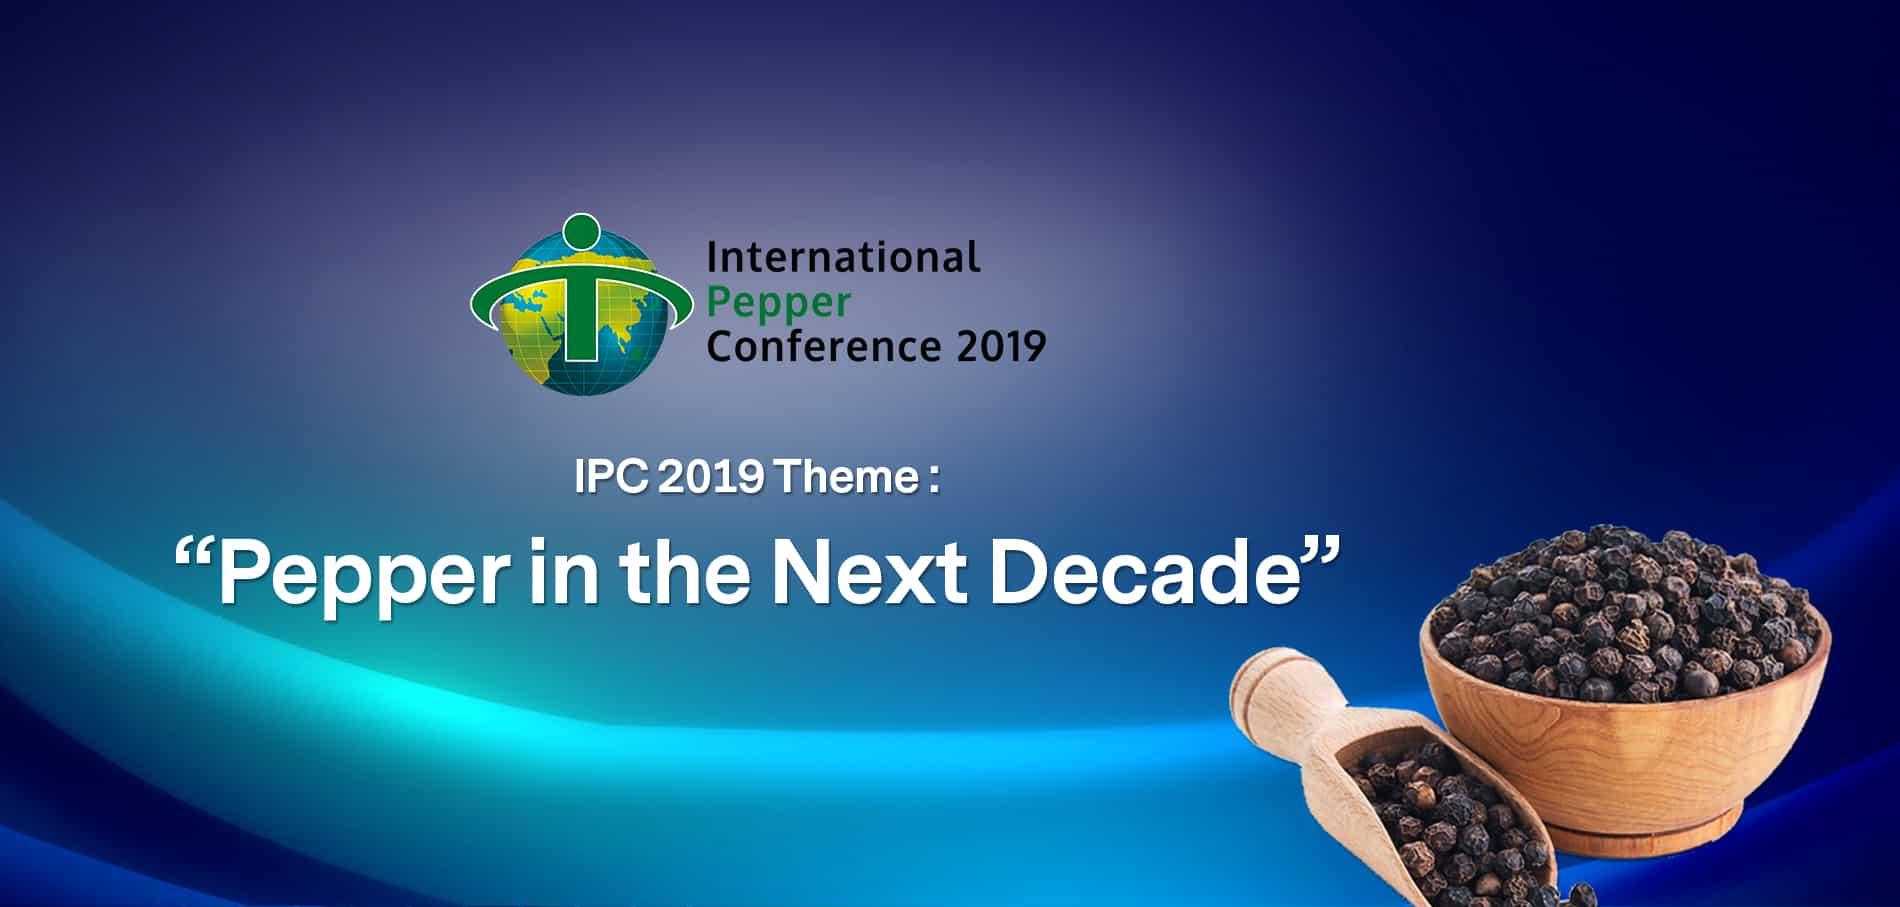 Ventilex IPC 2019